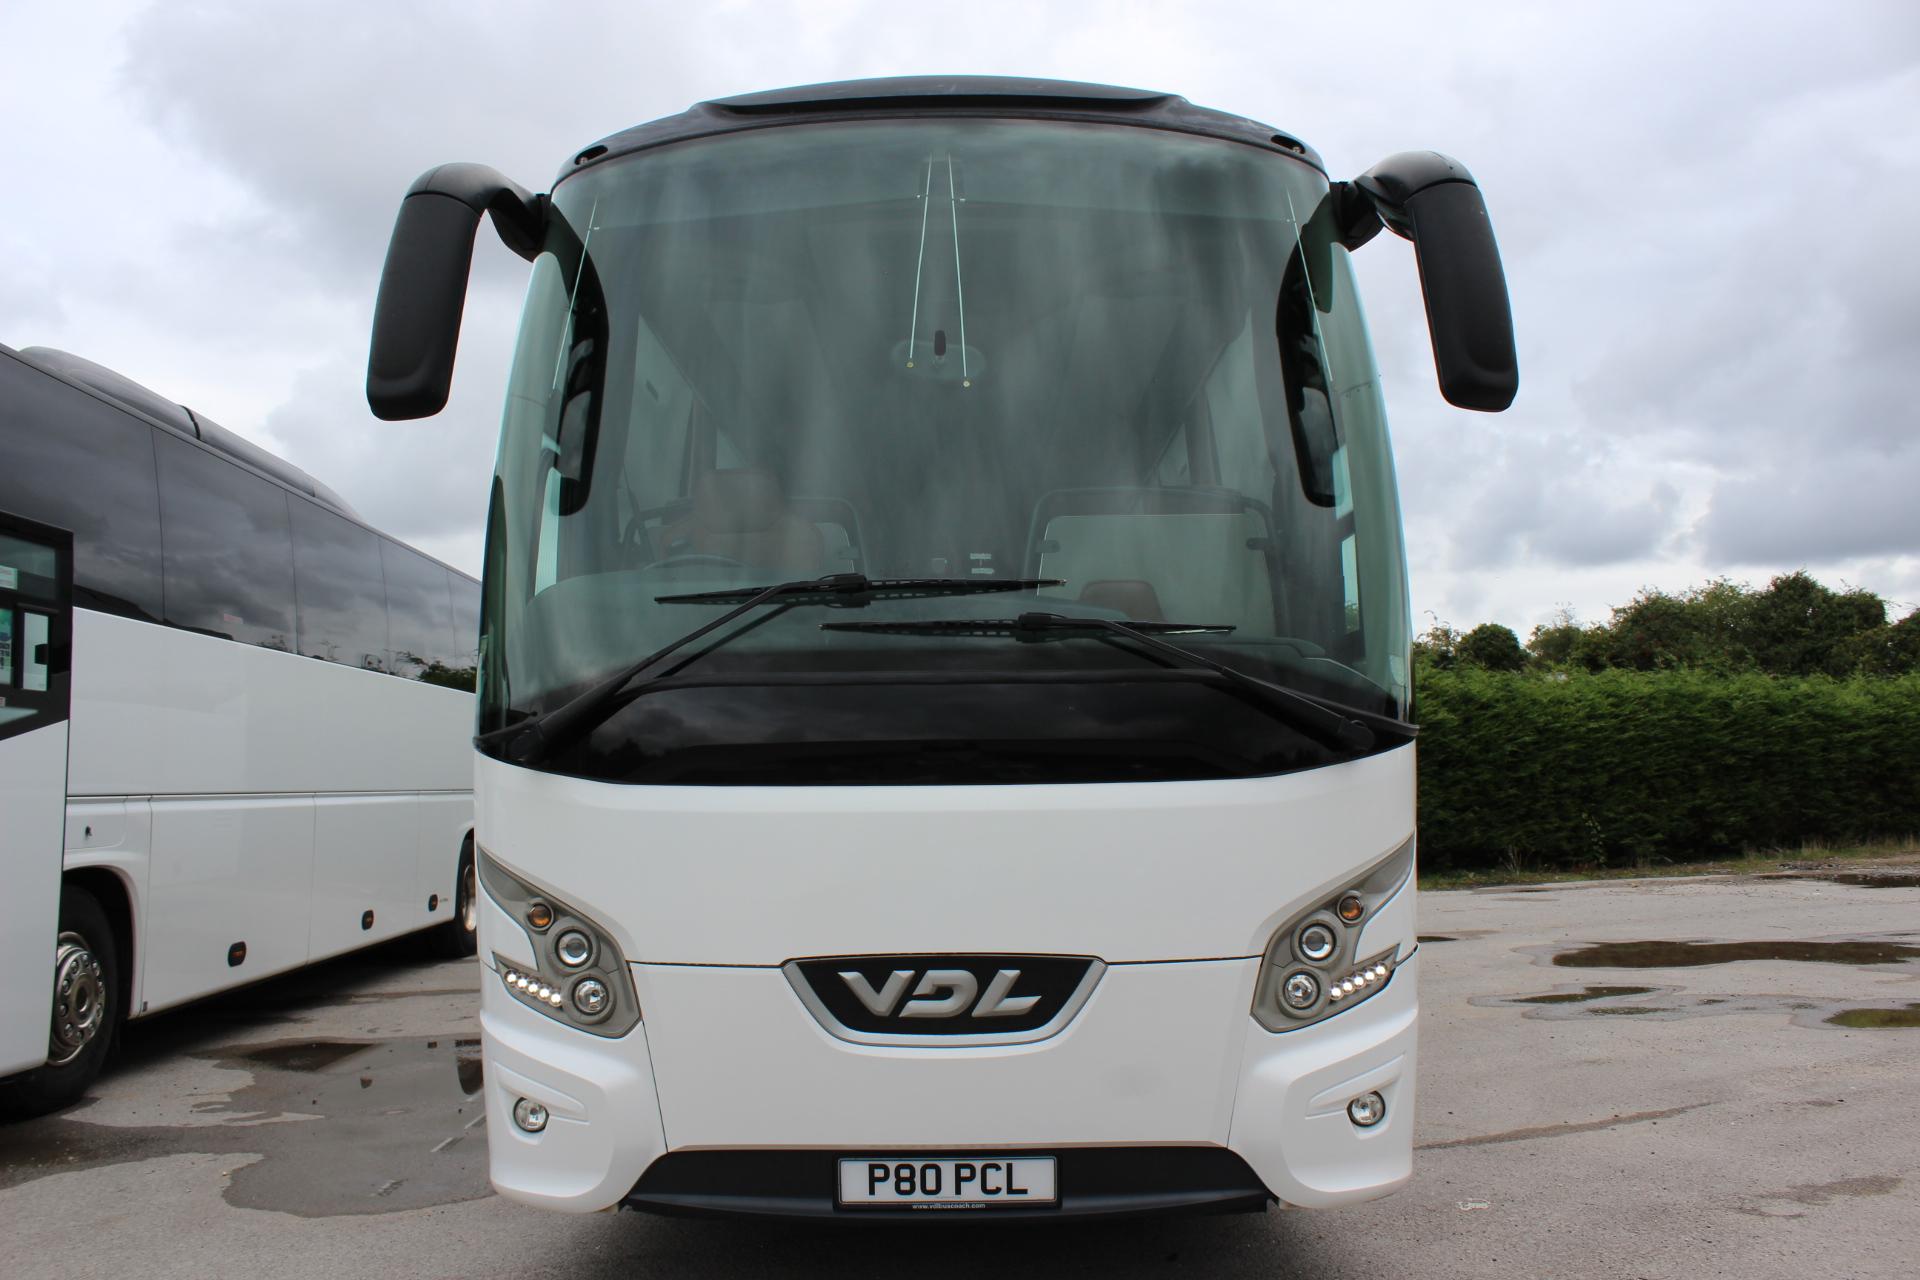 2013 Vdl Bova Futura Fhd 53 Seat Exec Hills Coaches